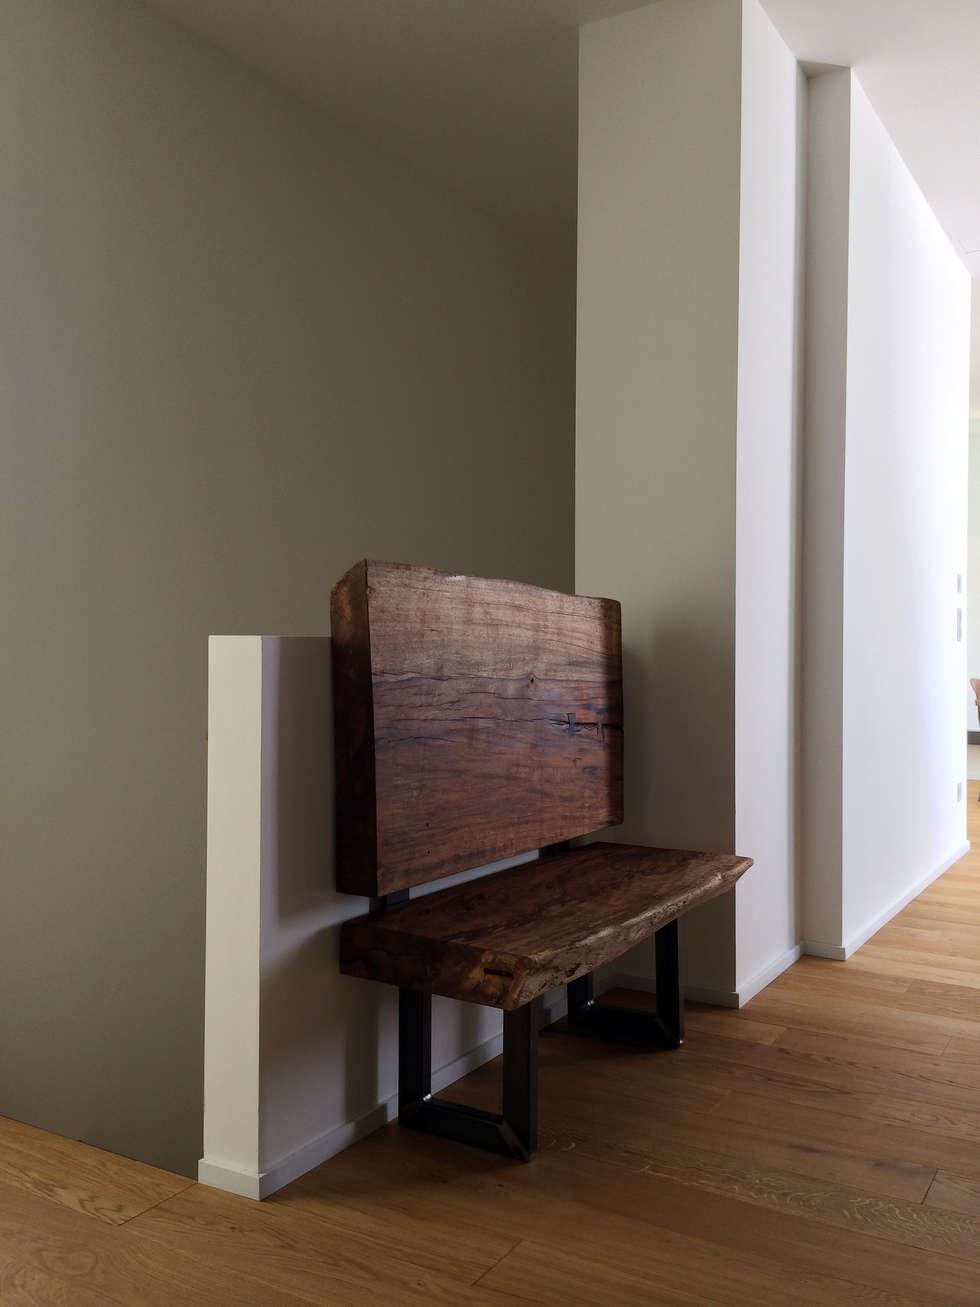 Wohnideen Eingangsbereich wohnideen interior design einrichtungsideen bilder homify